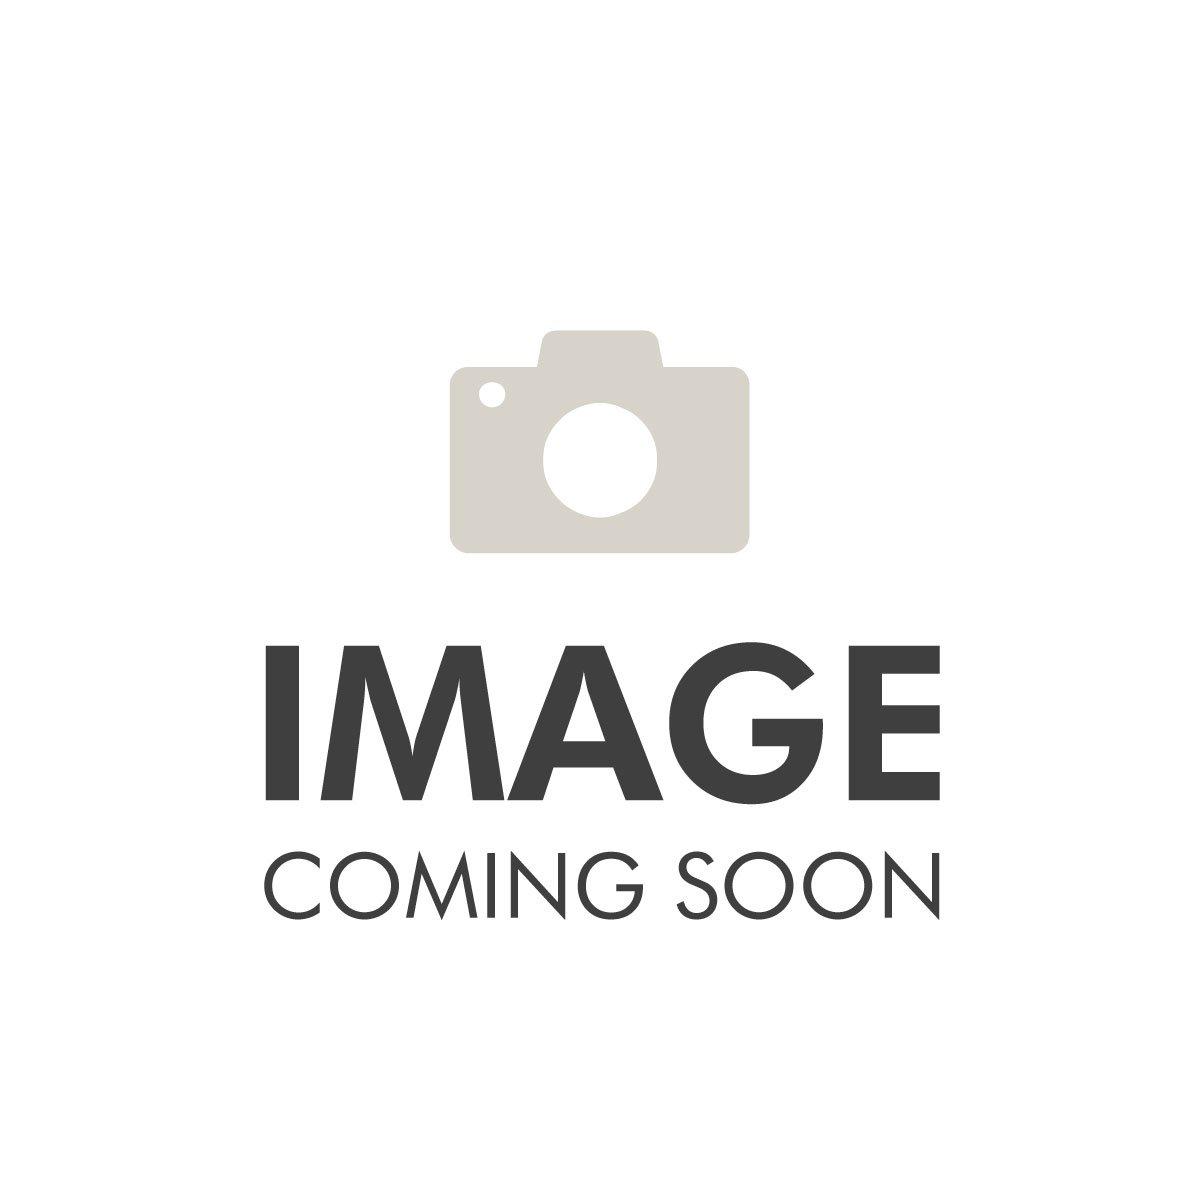 Uhlmann - Fil pour fil de corps fleuret/sabre